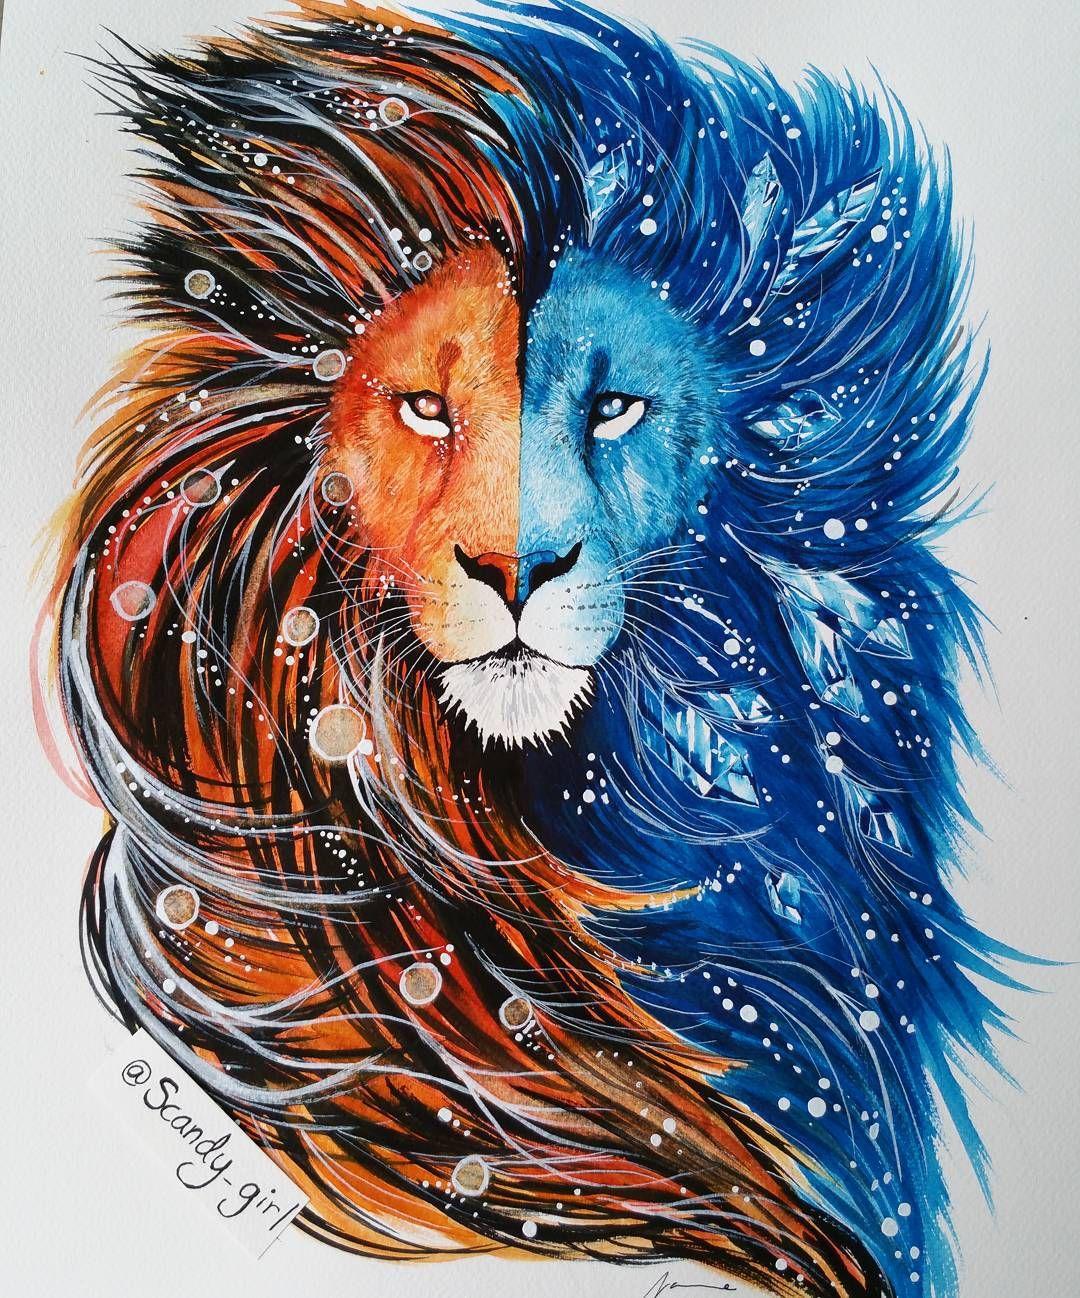 Art Pieces Jonna Lamminaho Big Cats In Art 2 Pinterest Art Pieces And